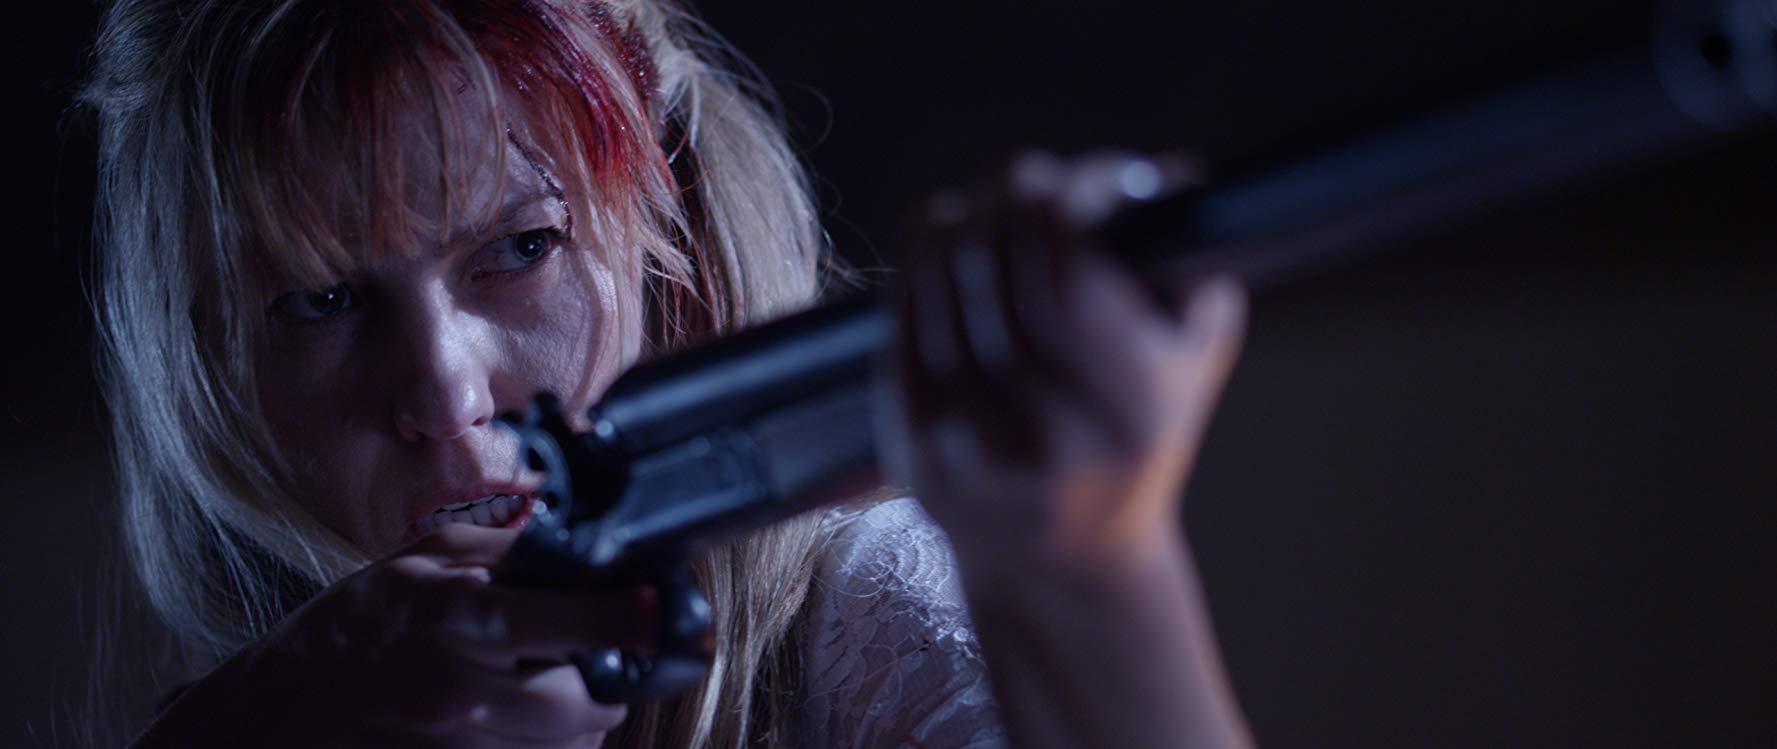 """""""The Russian Bride"""" de Michael S. Ojeda, filme sobre a influência e perigos da internet, encerra o festival."""